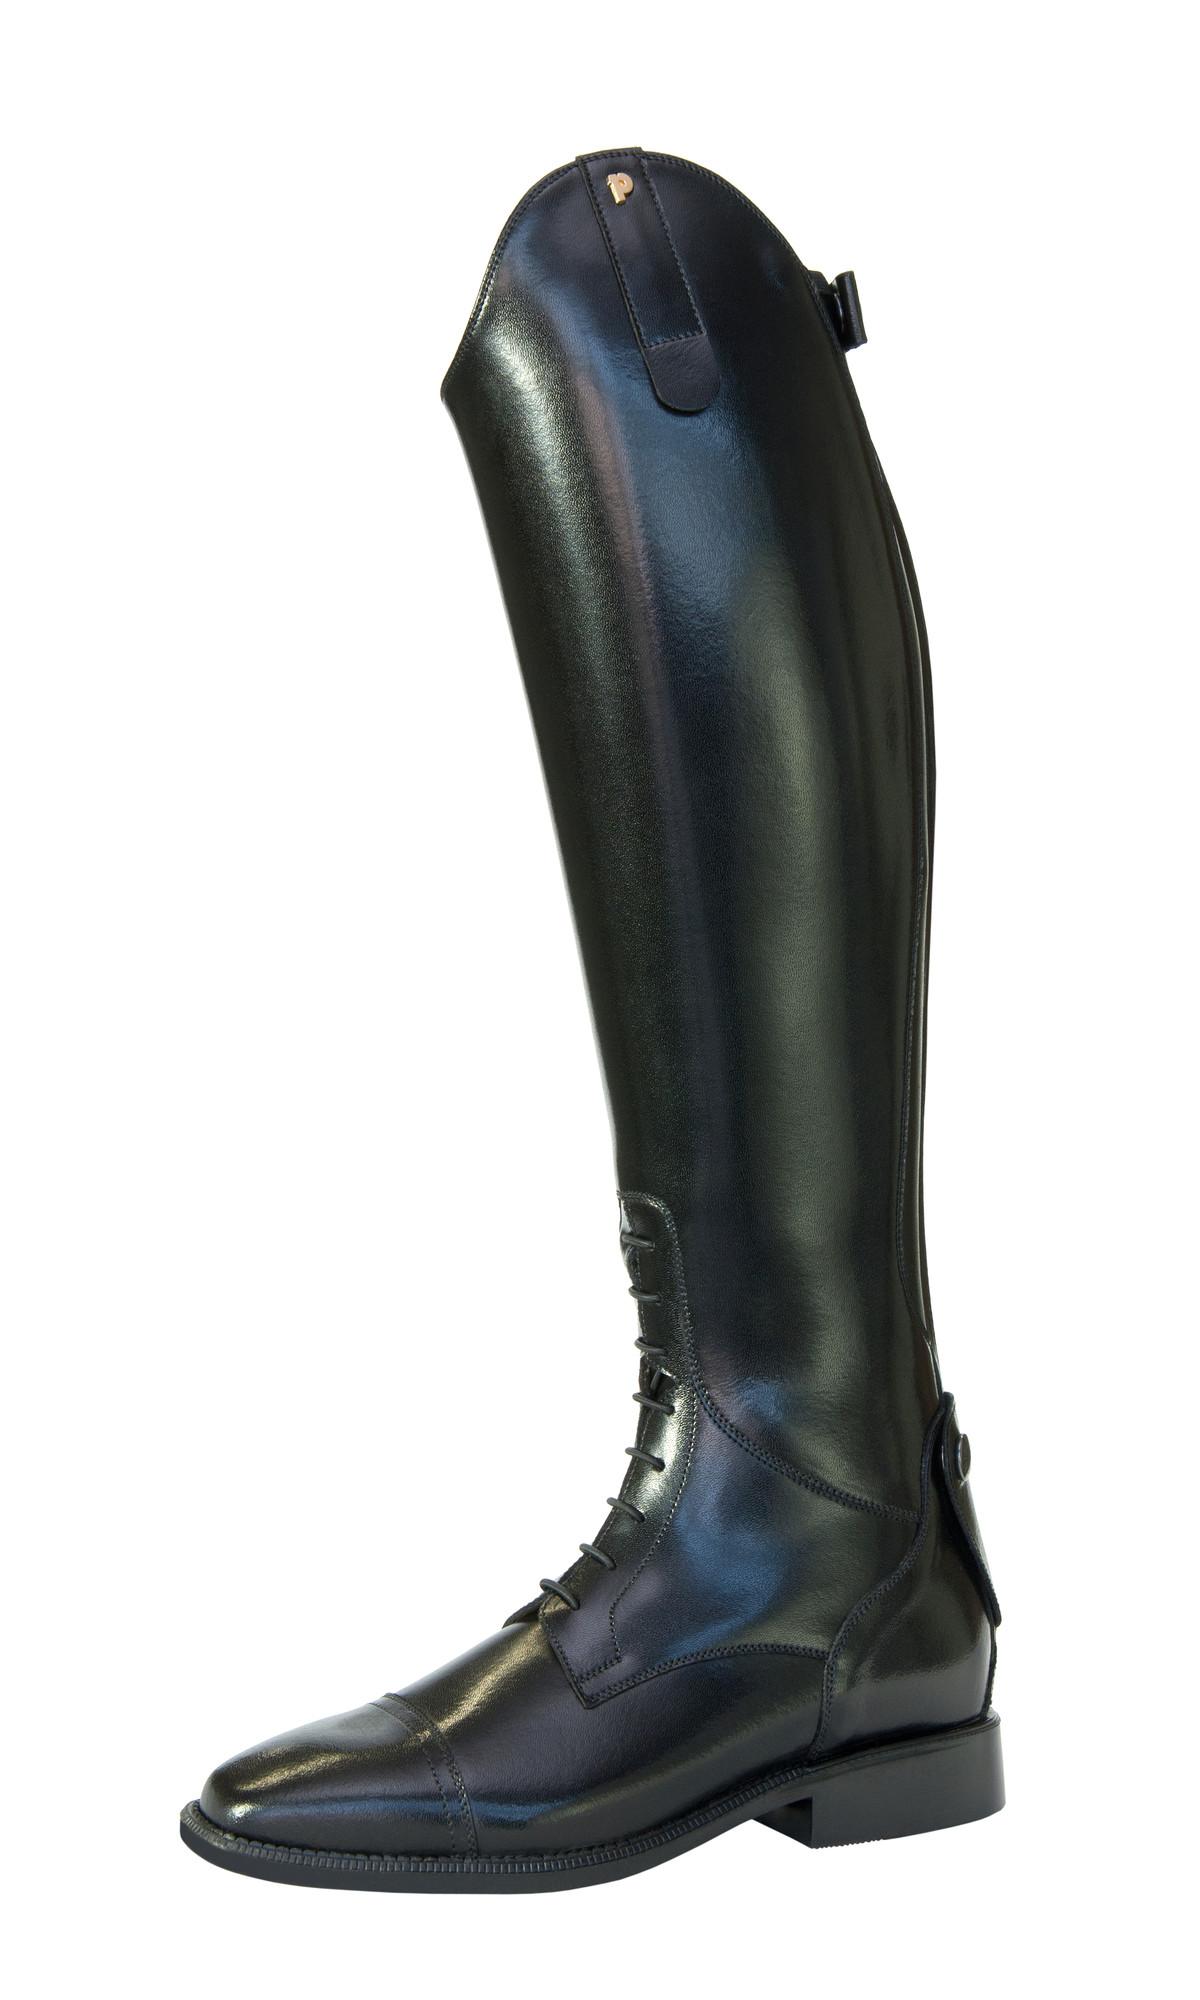 Petrie Melbourne rijlaars zwart maat:4,5 xw